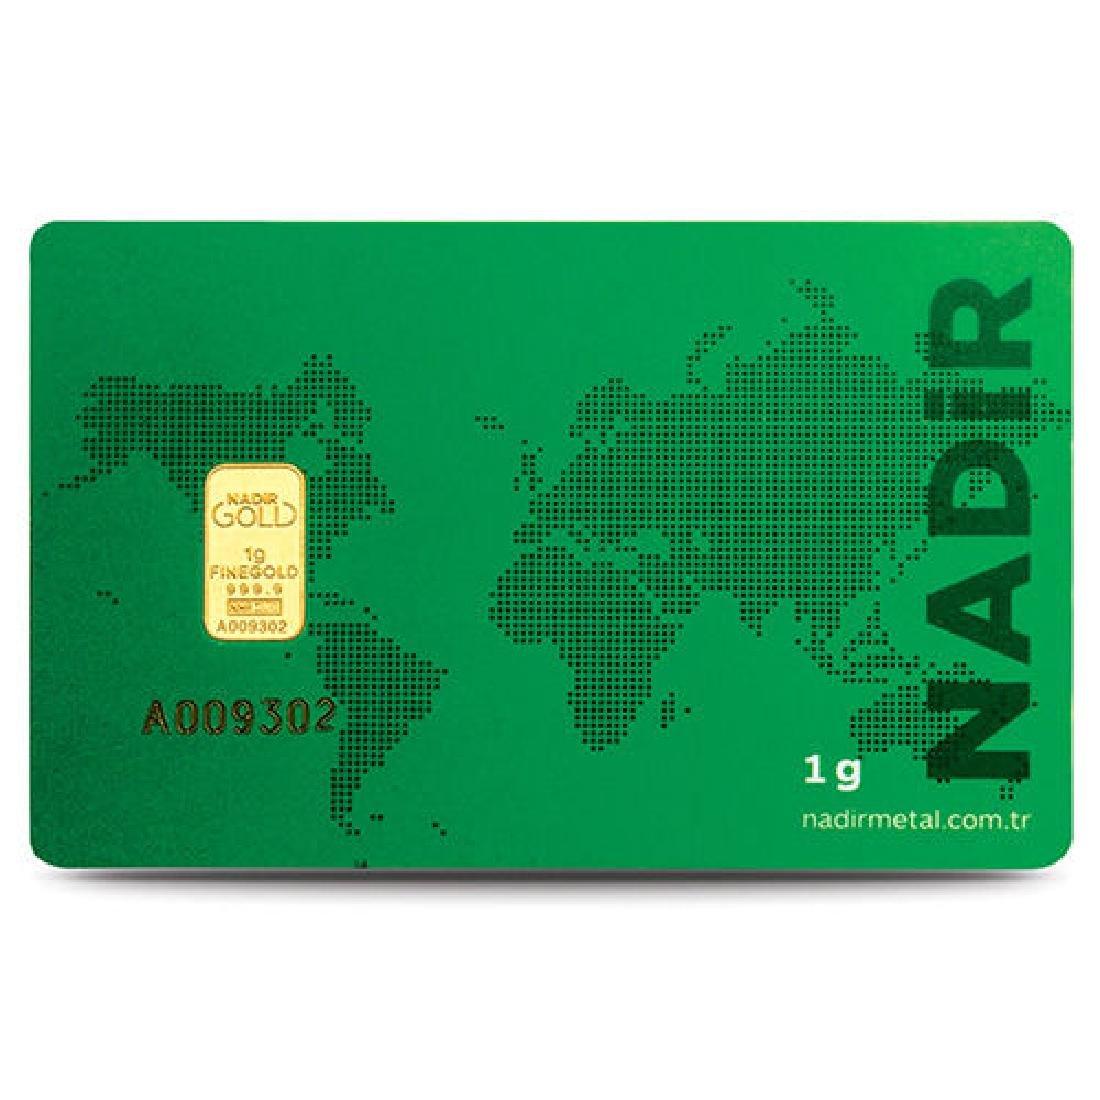 1 gr. - 999.9/1000 - Minted/ Sealed- Gold Bar - 3